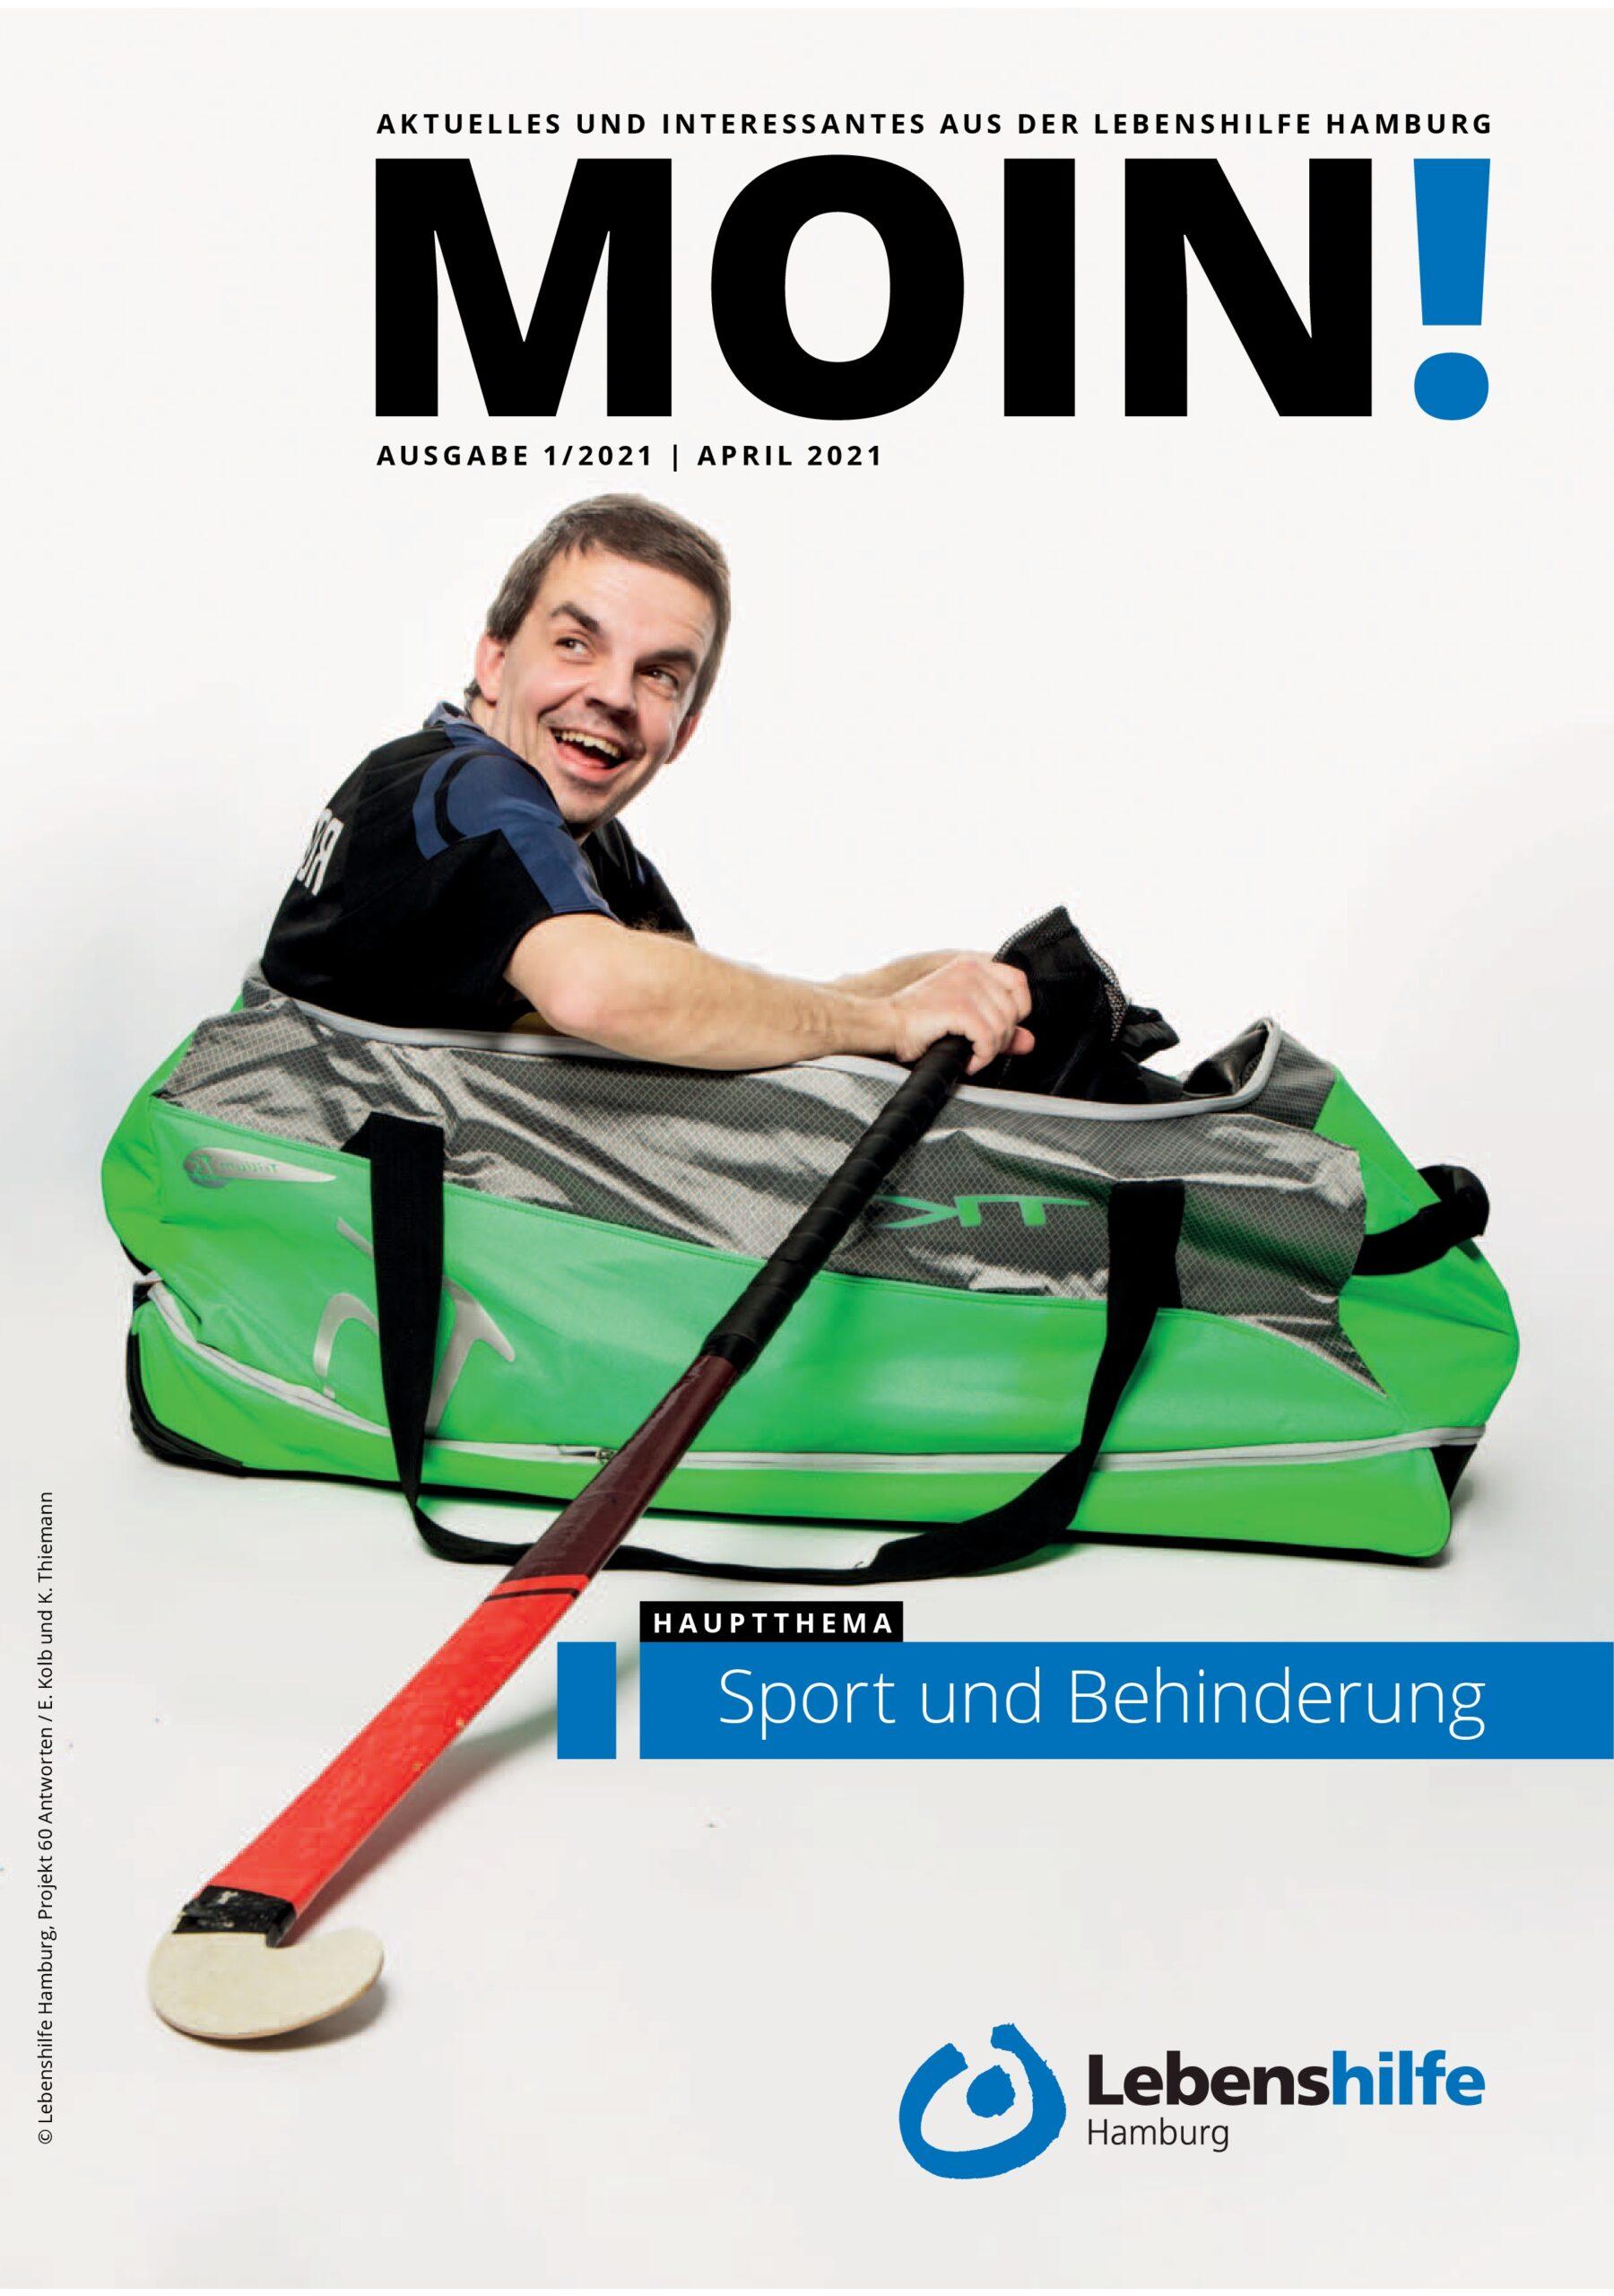 Titelseite der MOIN!: Mann sitzt in einer Hockeytasche, rudert mit dem Hockeyschläger